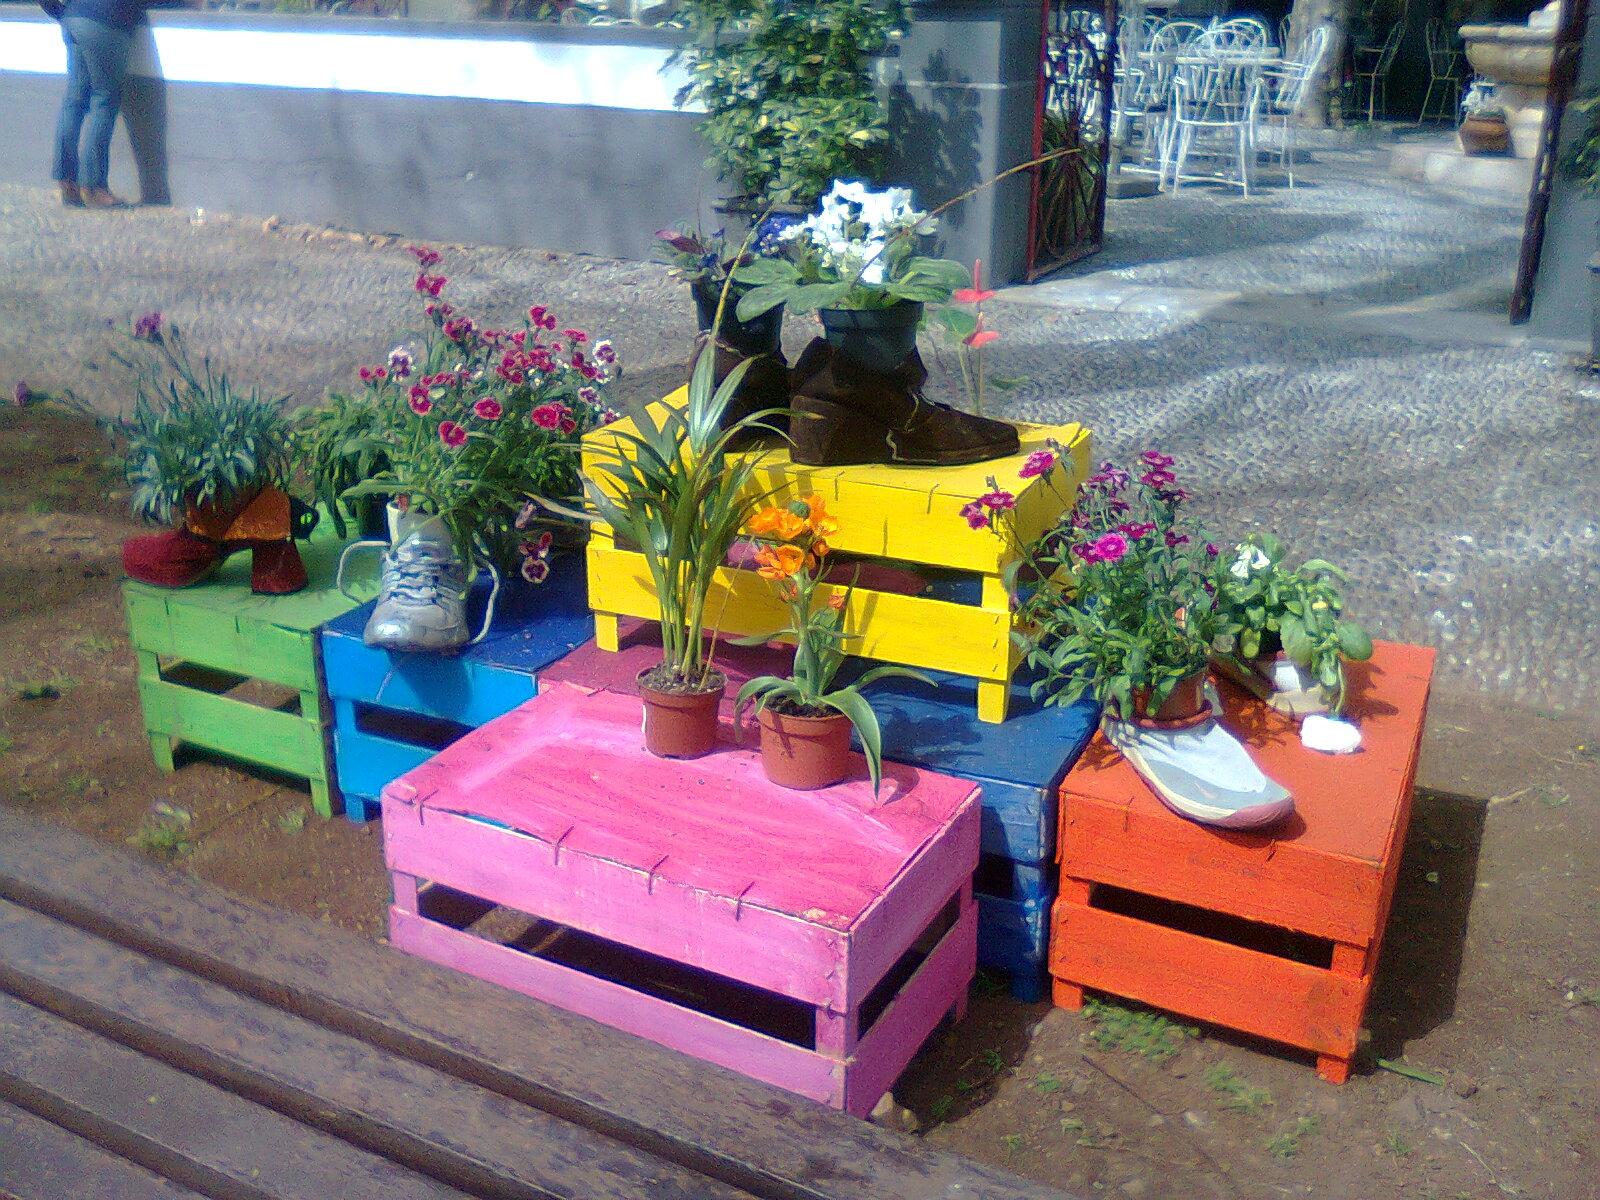 Decoraç u00e3o De Jardim Com Material Reciclado -> Decoração De Jardim Com Material Reciclavel